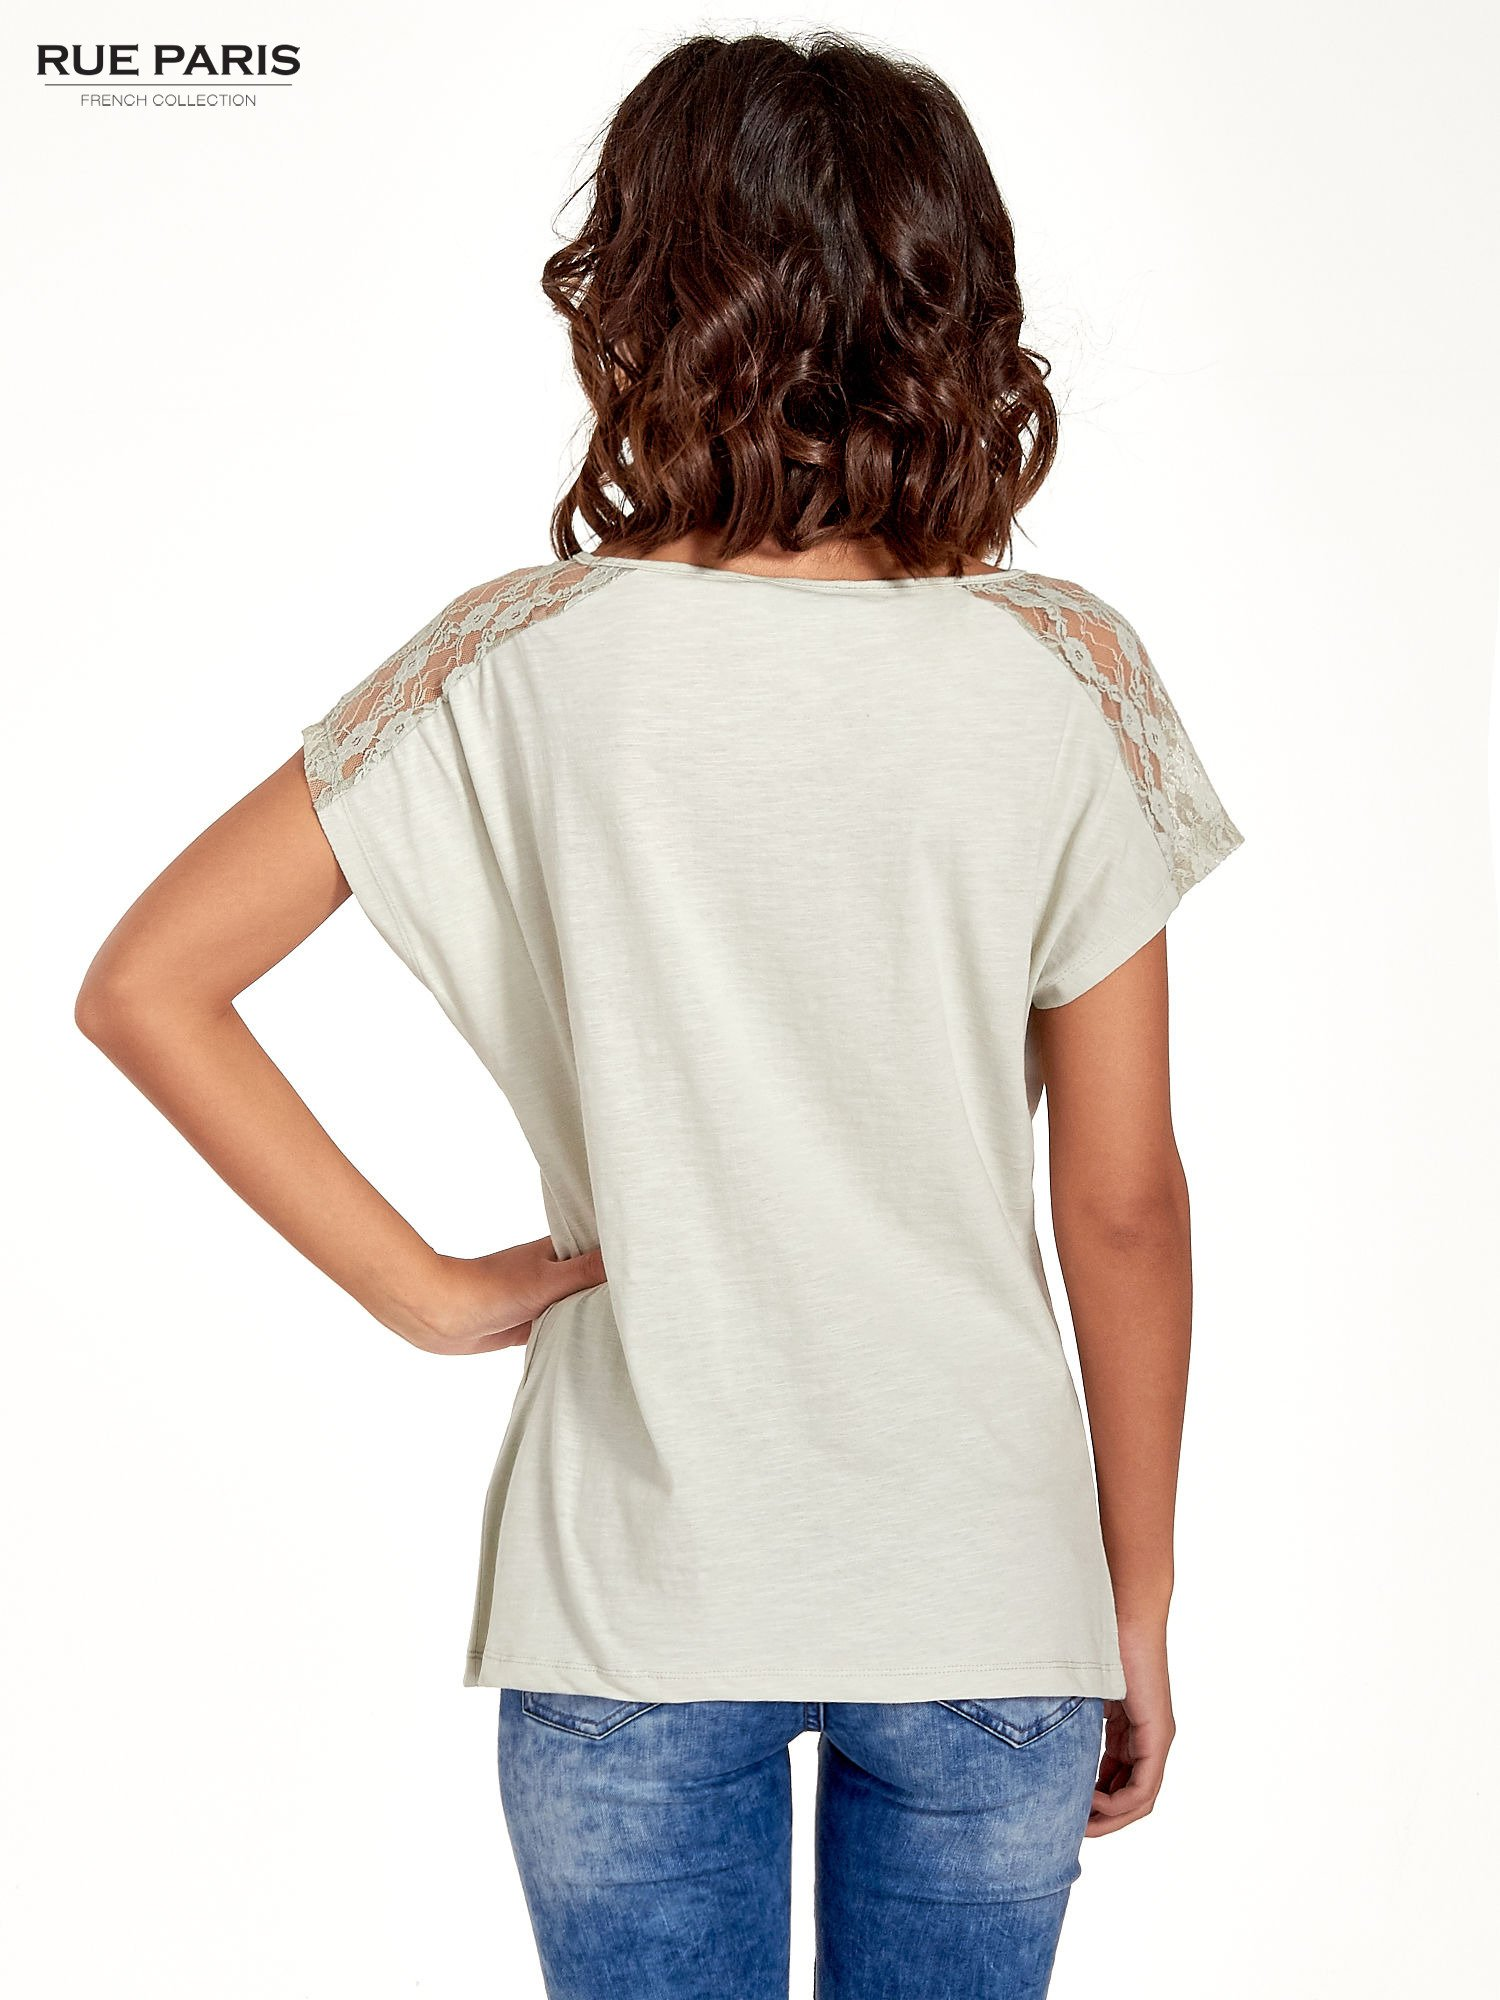 Miętowy t-shirt z koronkową aplikacją na górze                                  zdj.                                  4